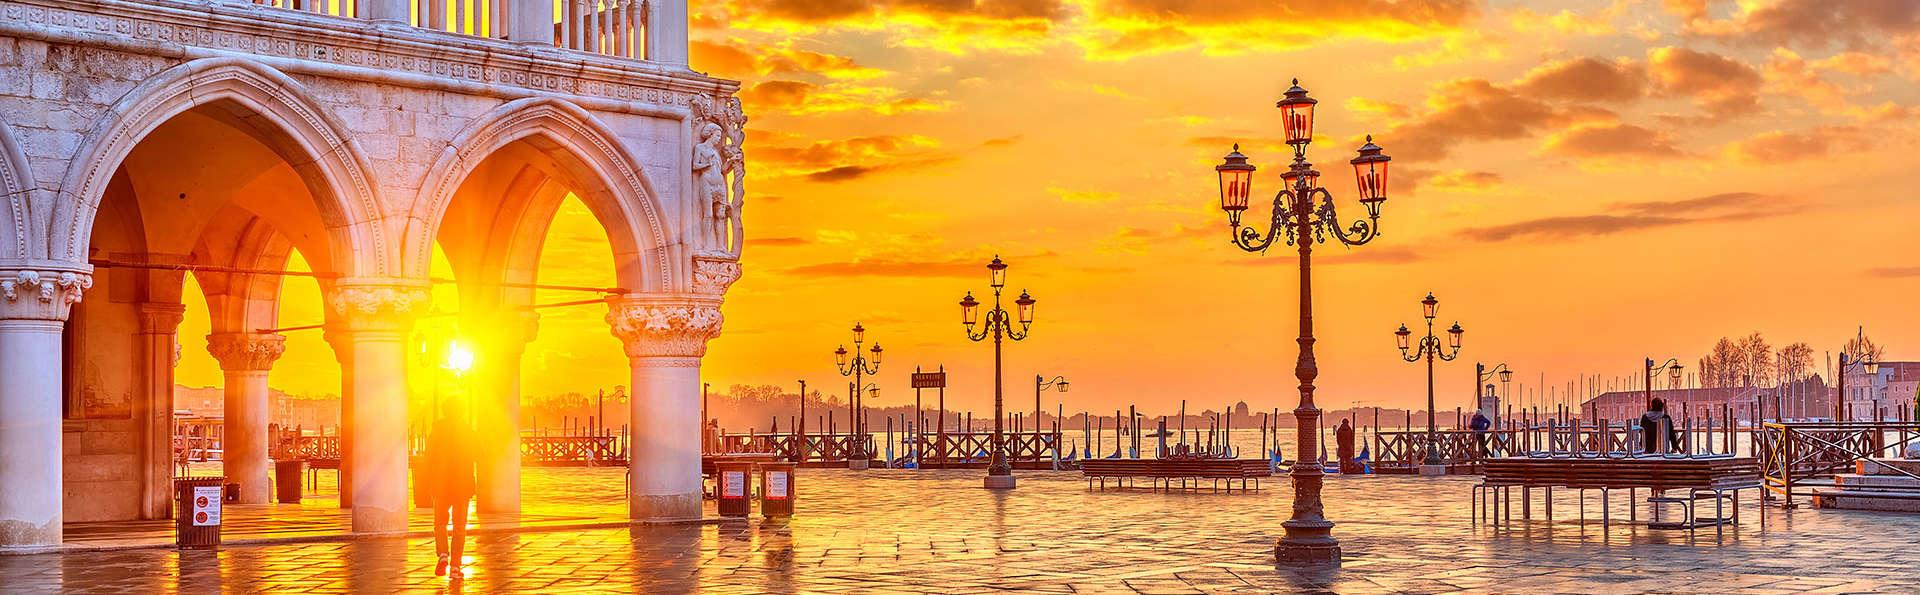 Hotel Romantique Jacuzzi Chambre Venise : Week end gastronomique Venise avec Dîner 3 plats pour 2 adultes à …